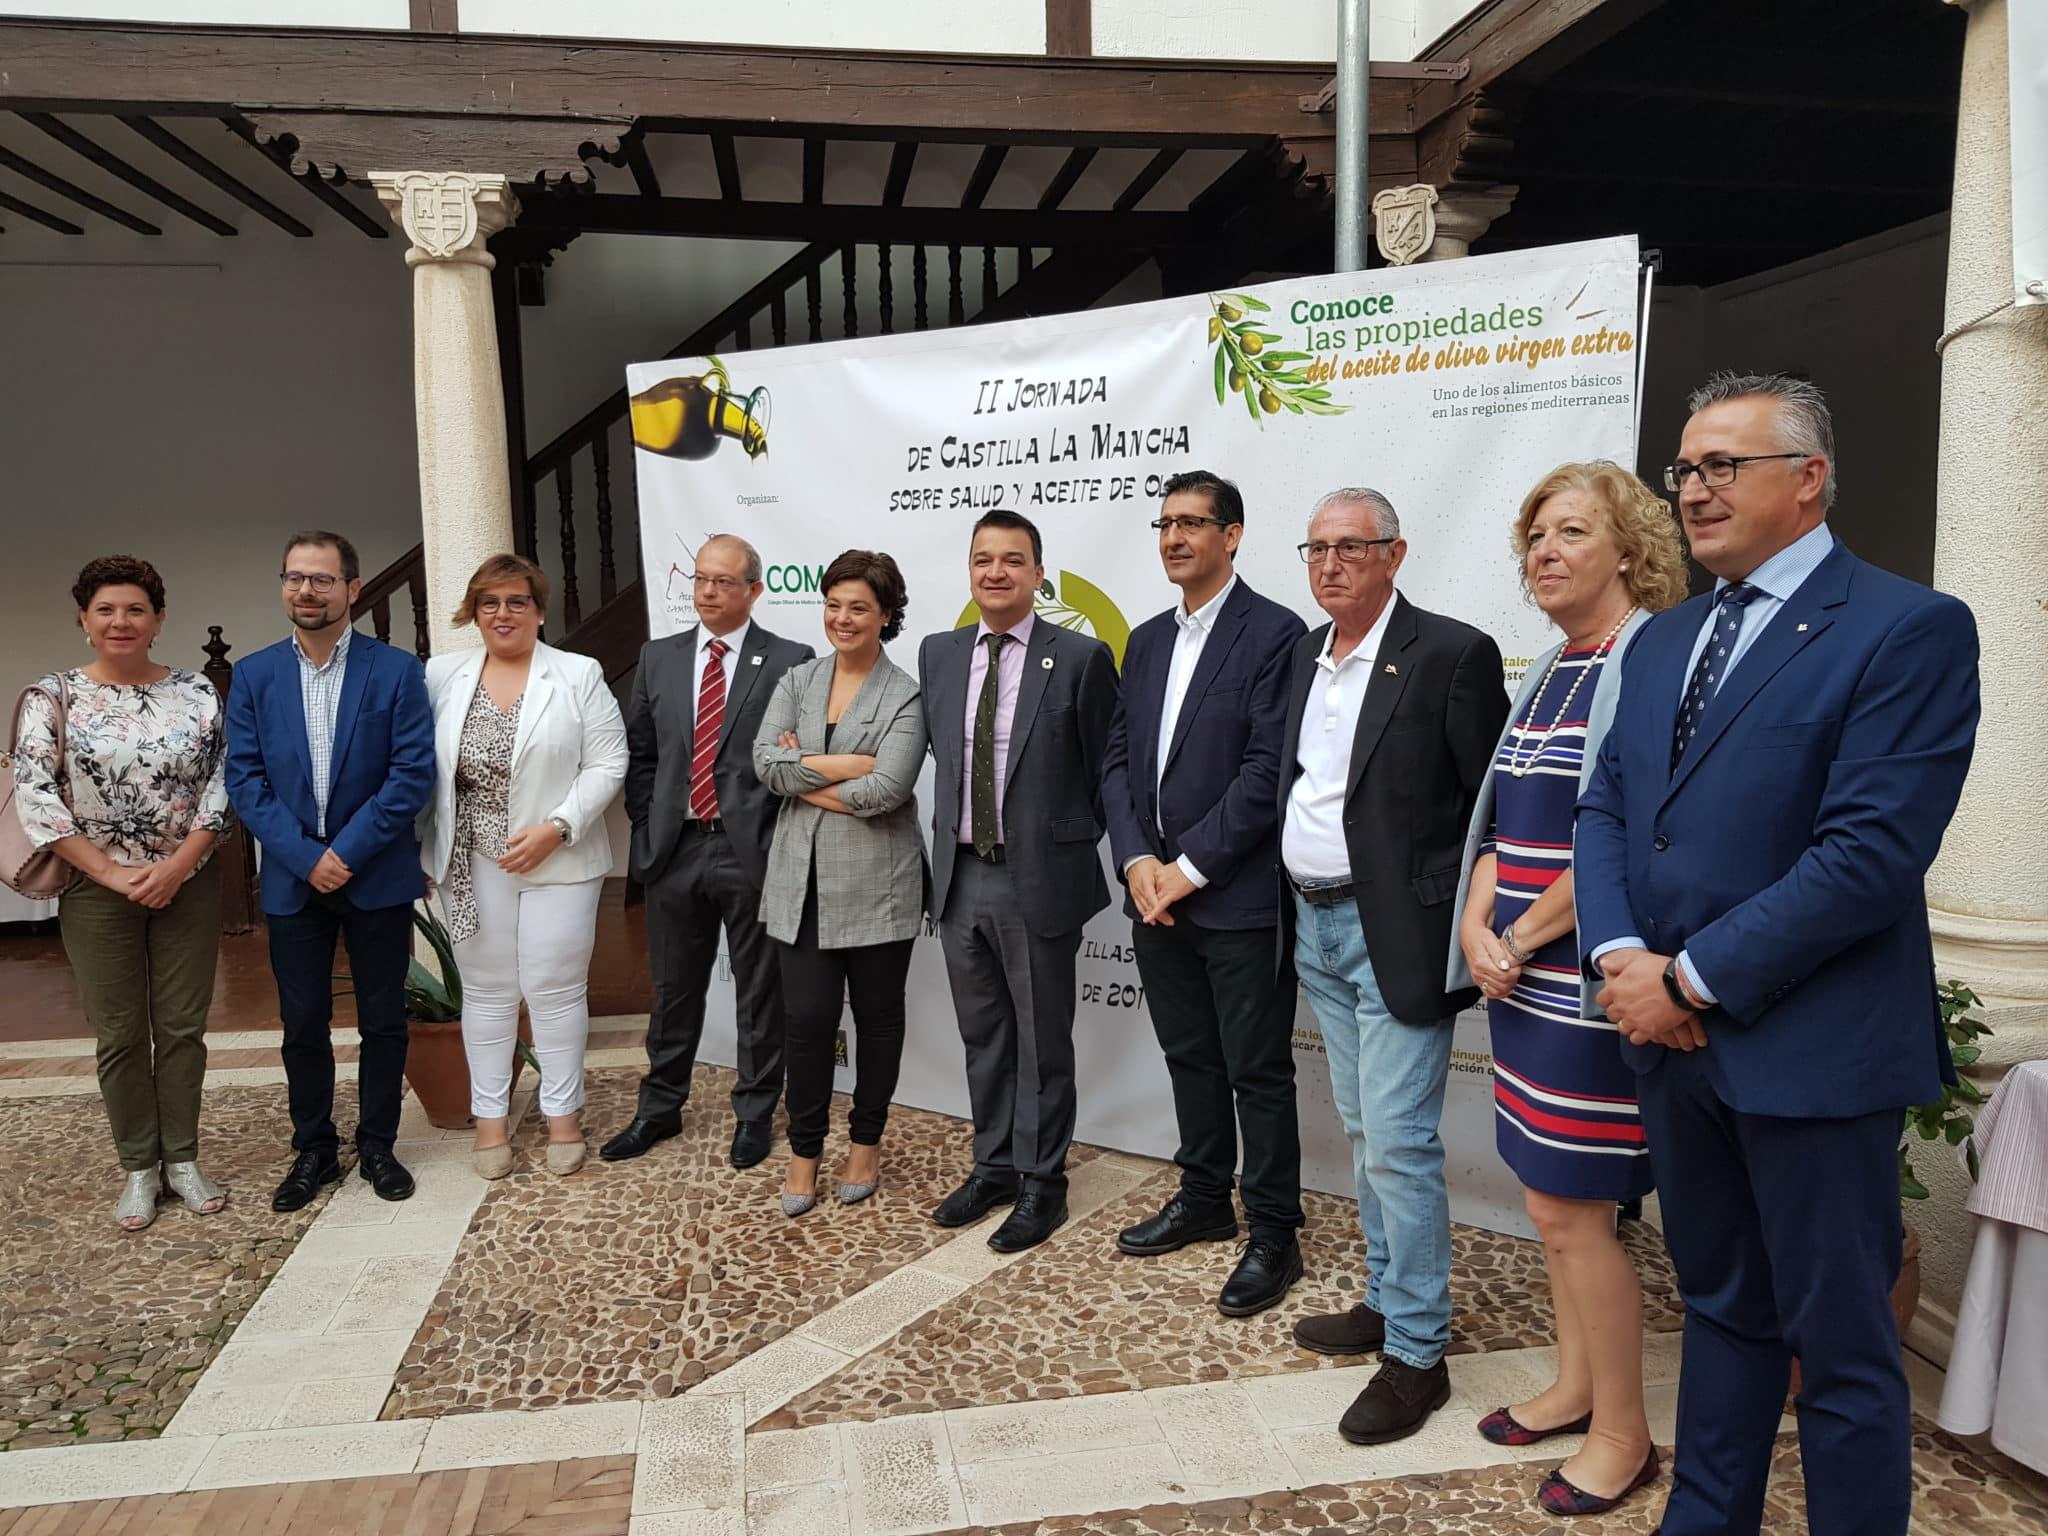 https://blog.globalcaja.es/wp-content/uploads/2019/10/jornadas-salud-y-aceite-de-oliva.jpg